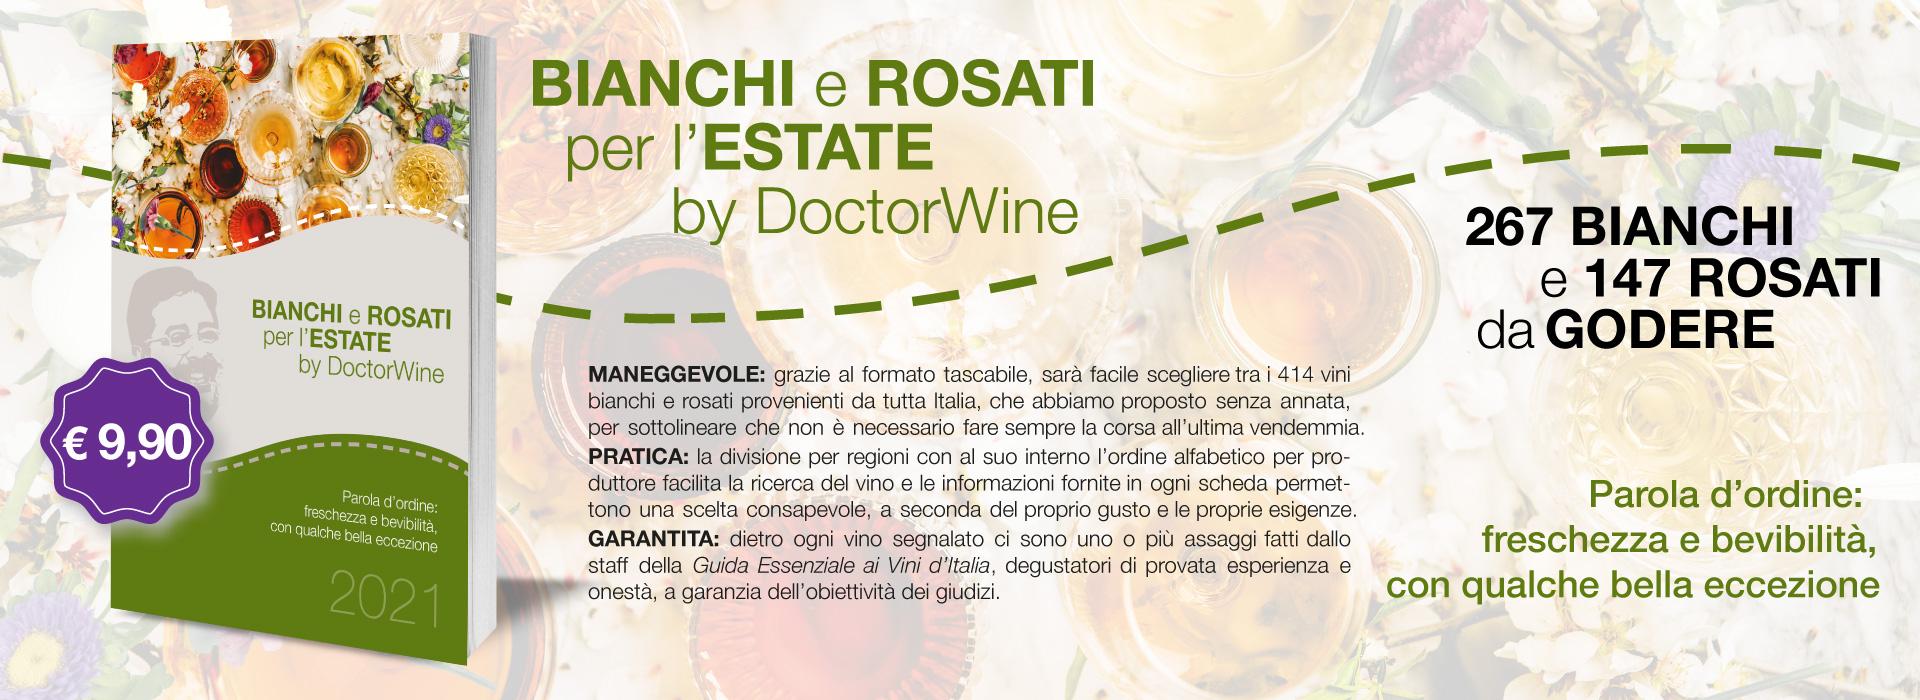 Bianchi e Rosati per l'Estate by DoctorWine